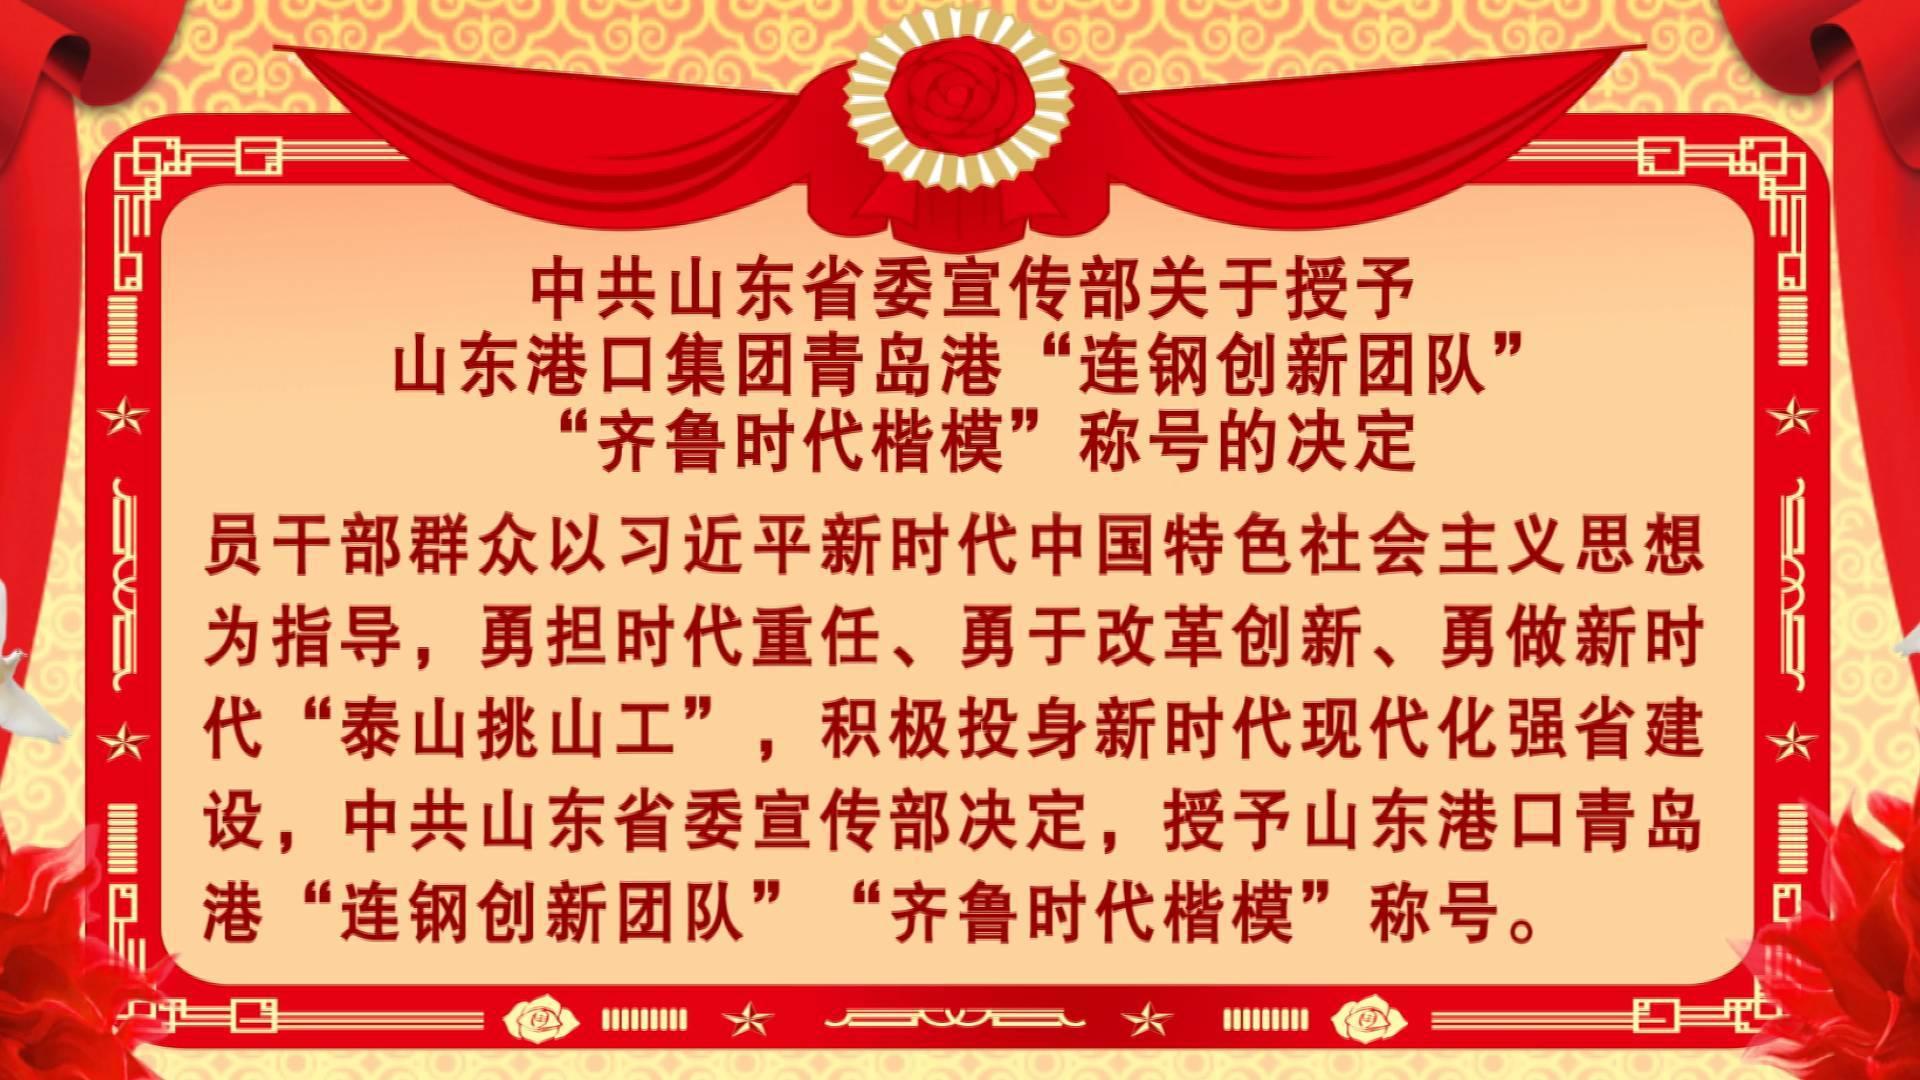 """山东港口集团青岛港""""连钢创新团队""""荣获""""齐鲁时代楷模""""称号"""